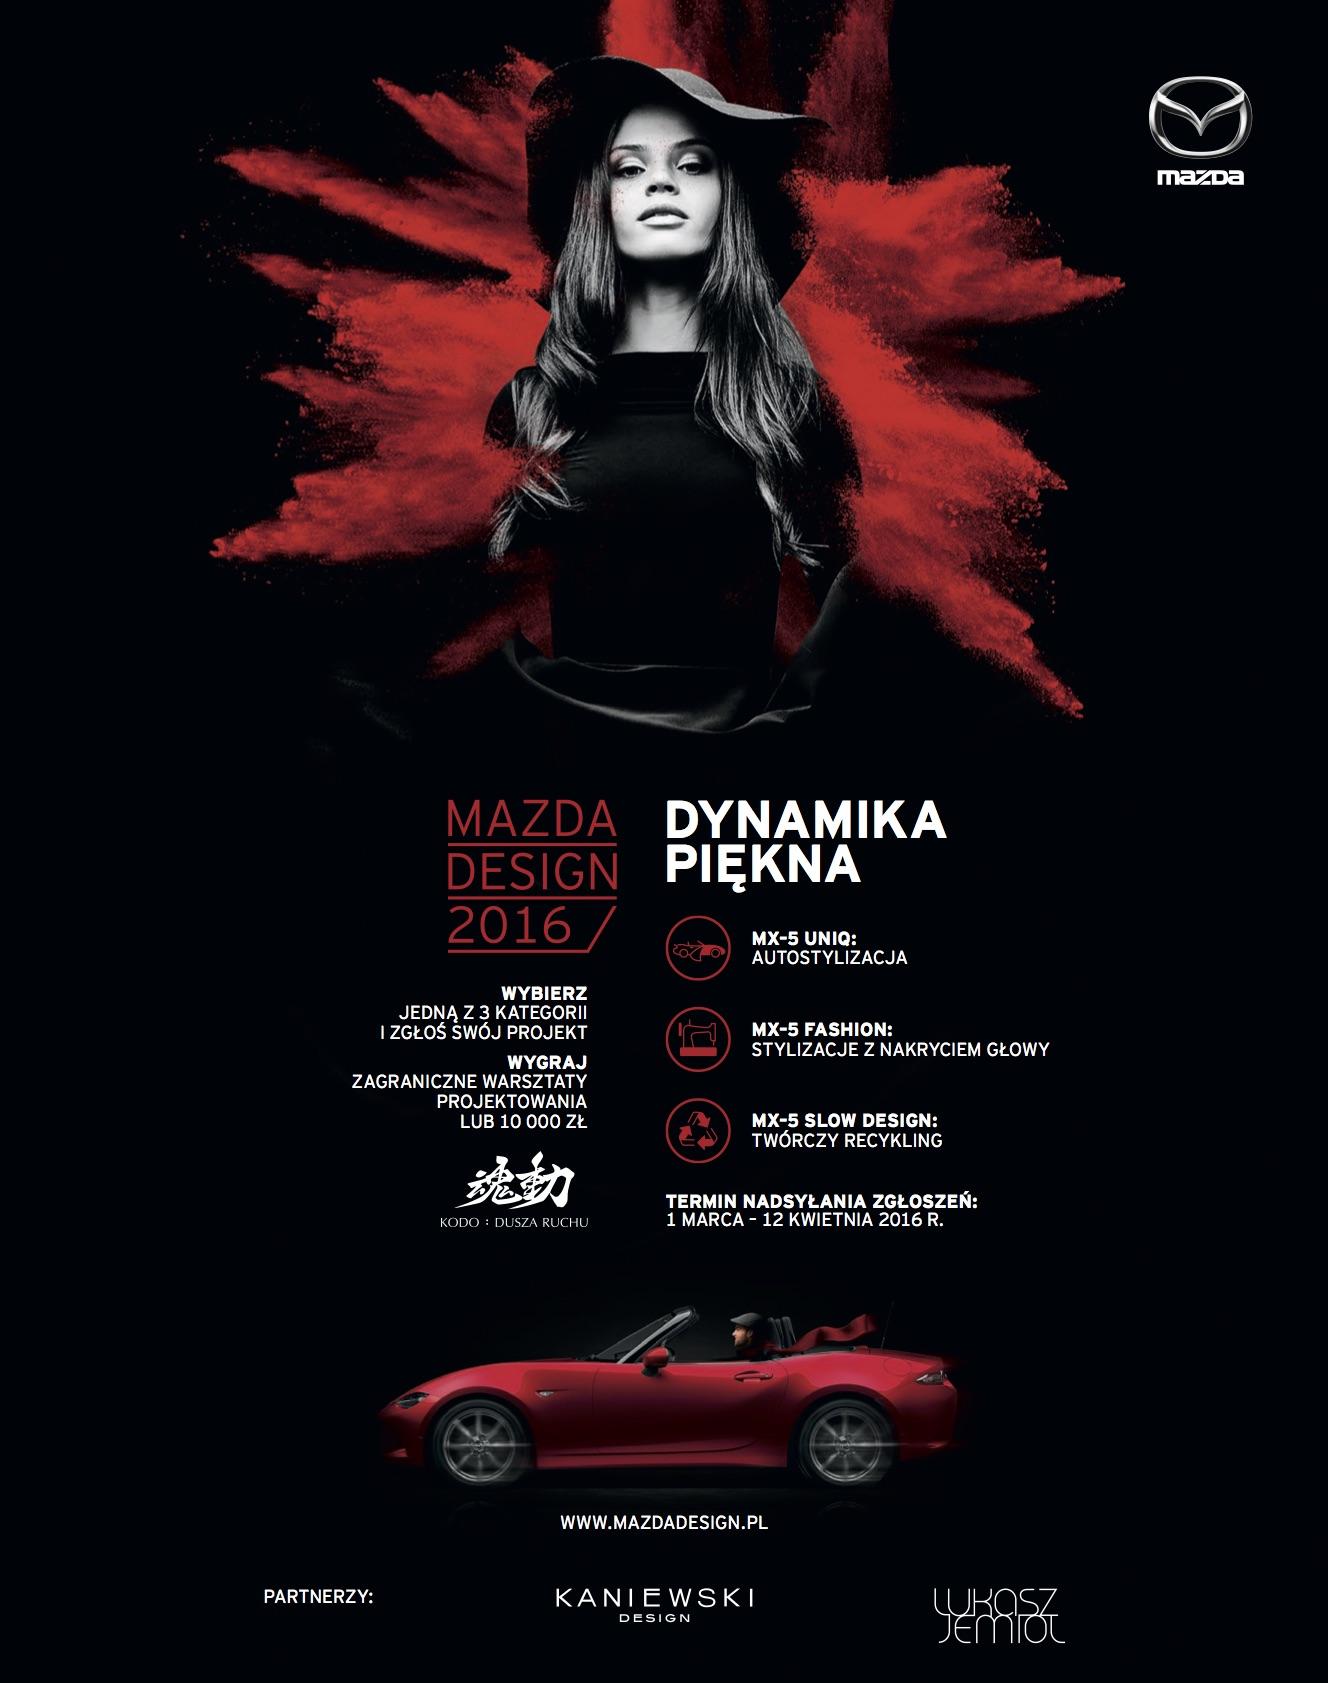 mazda_design